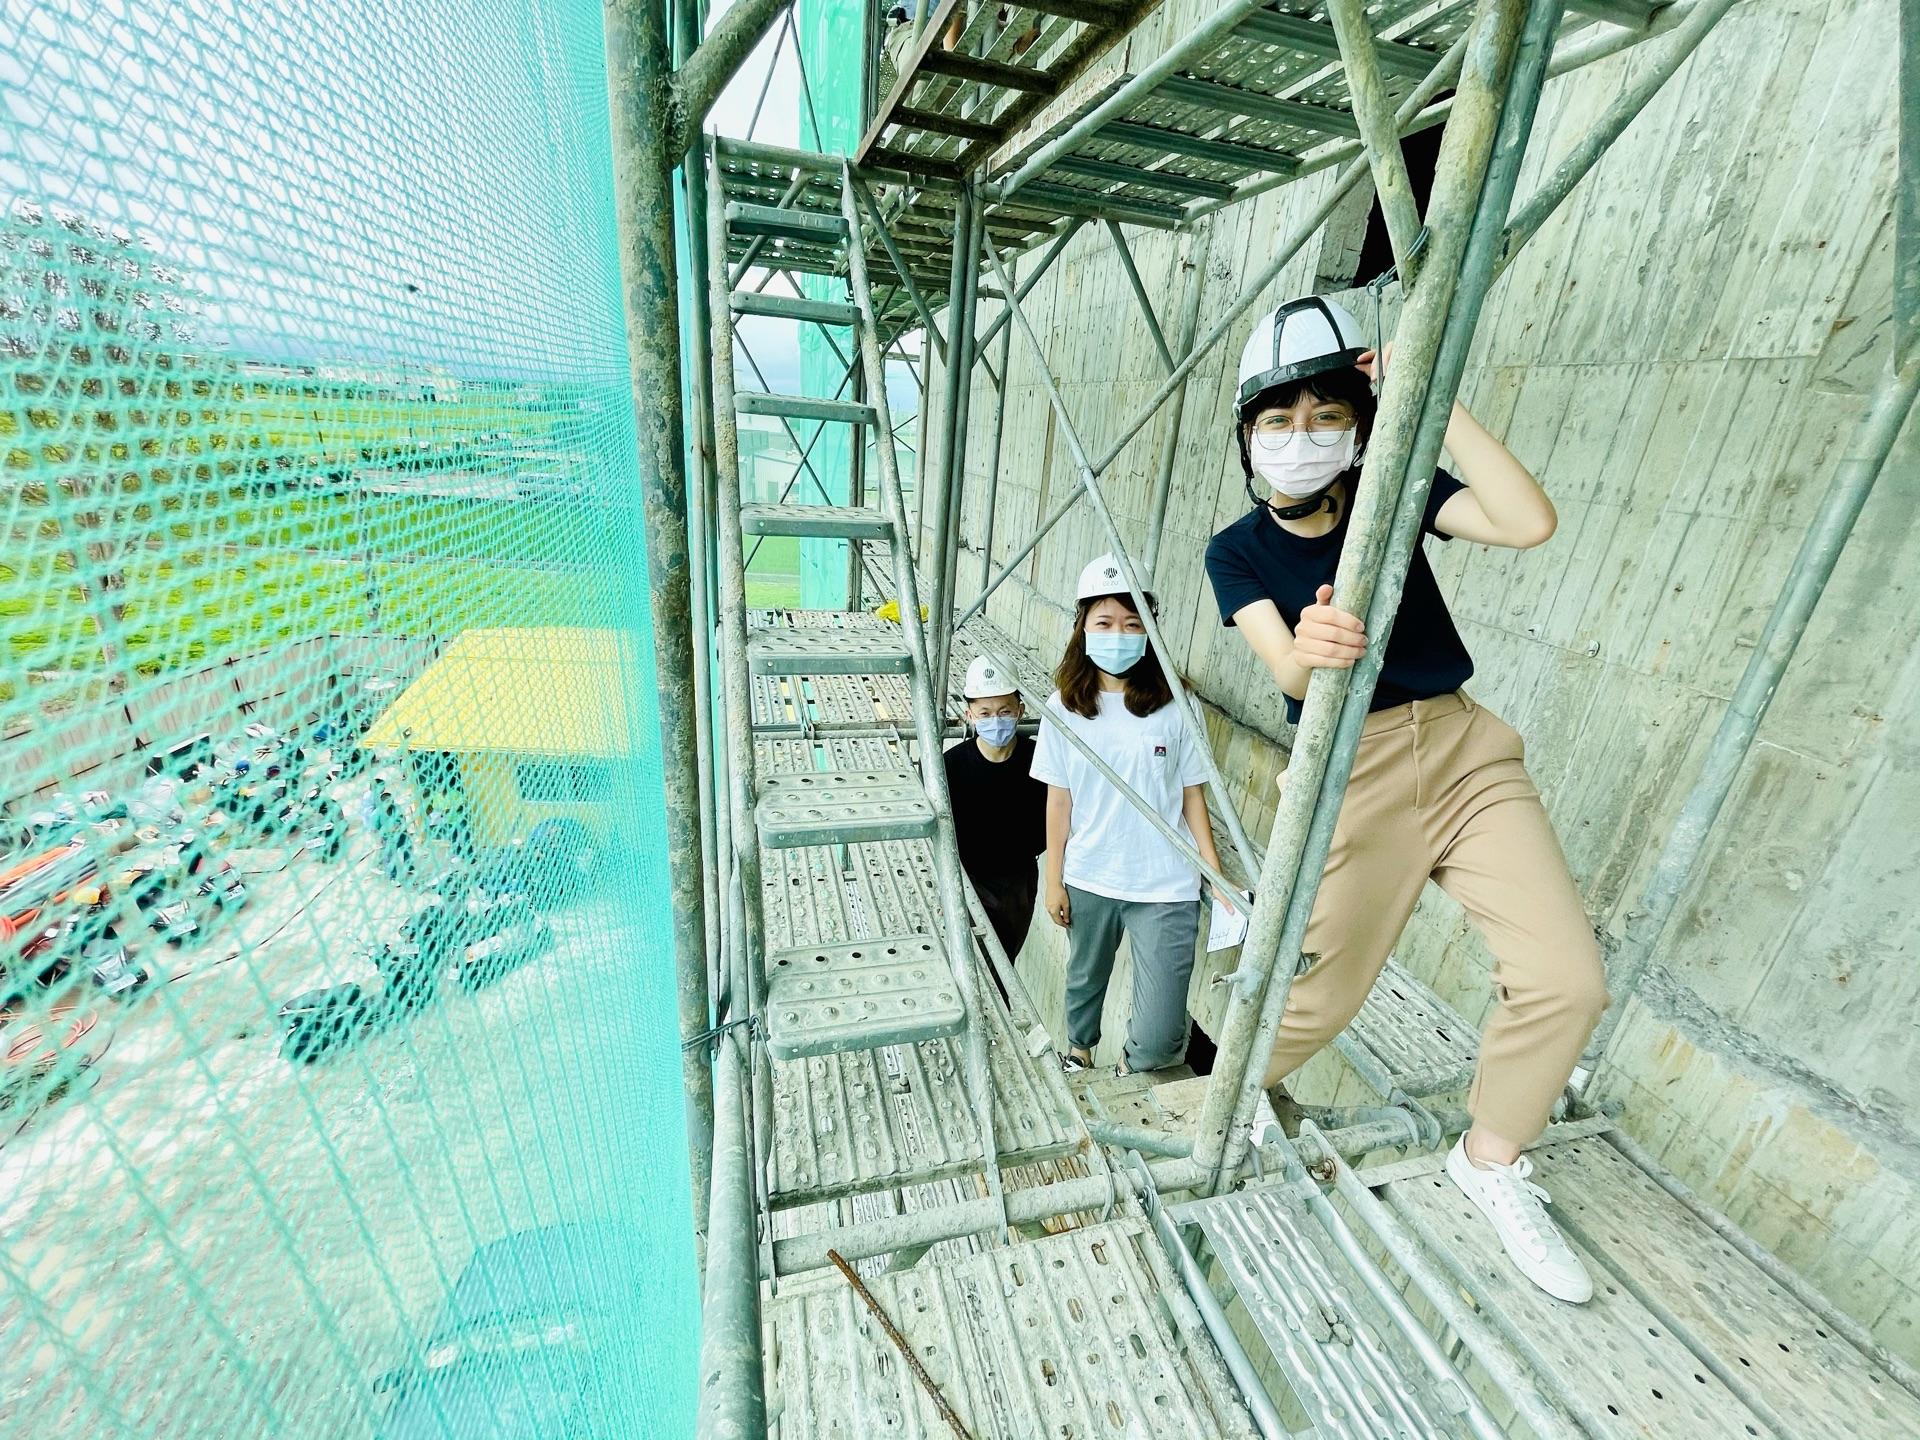 德築-DEZU-project-Zumi-architecture-real-estate-engineering-inspect-1